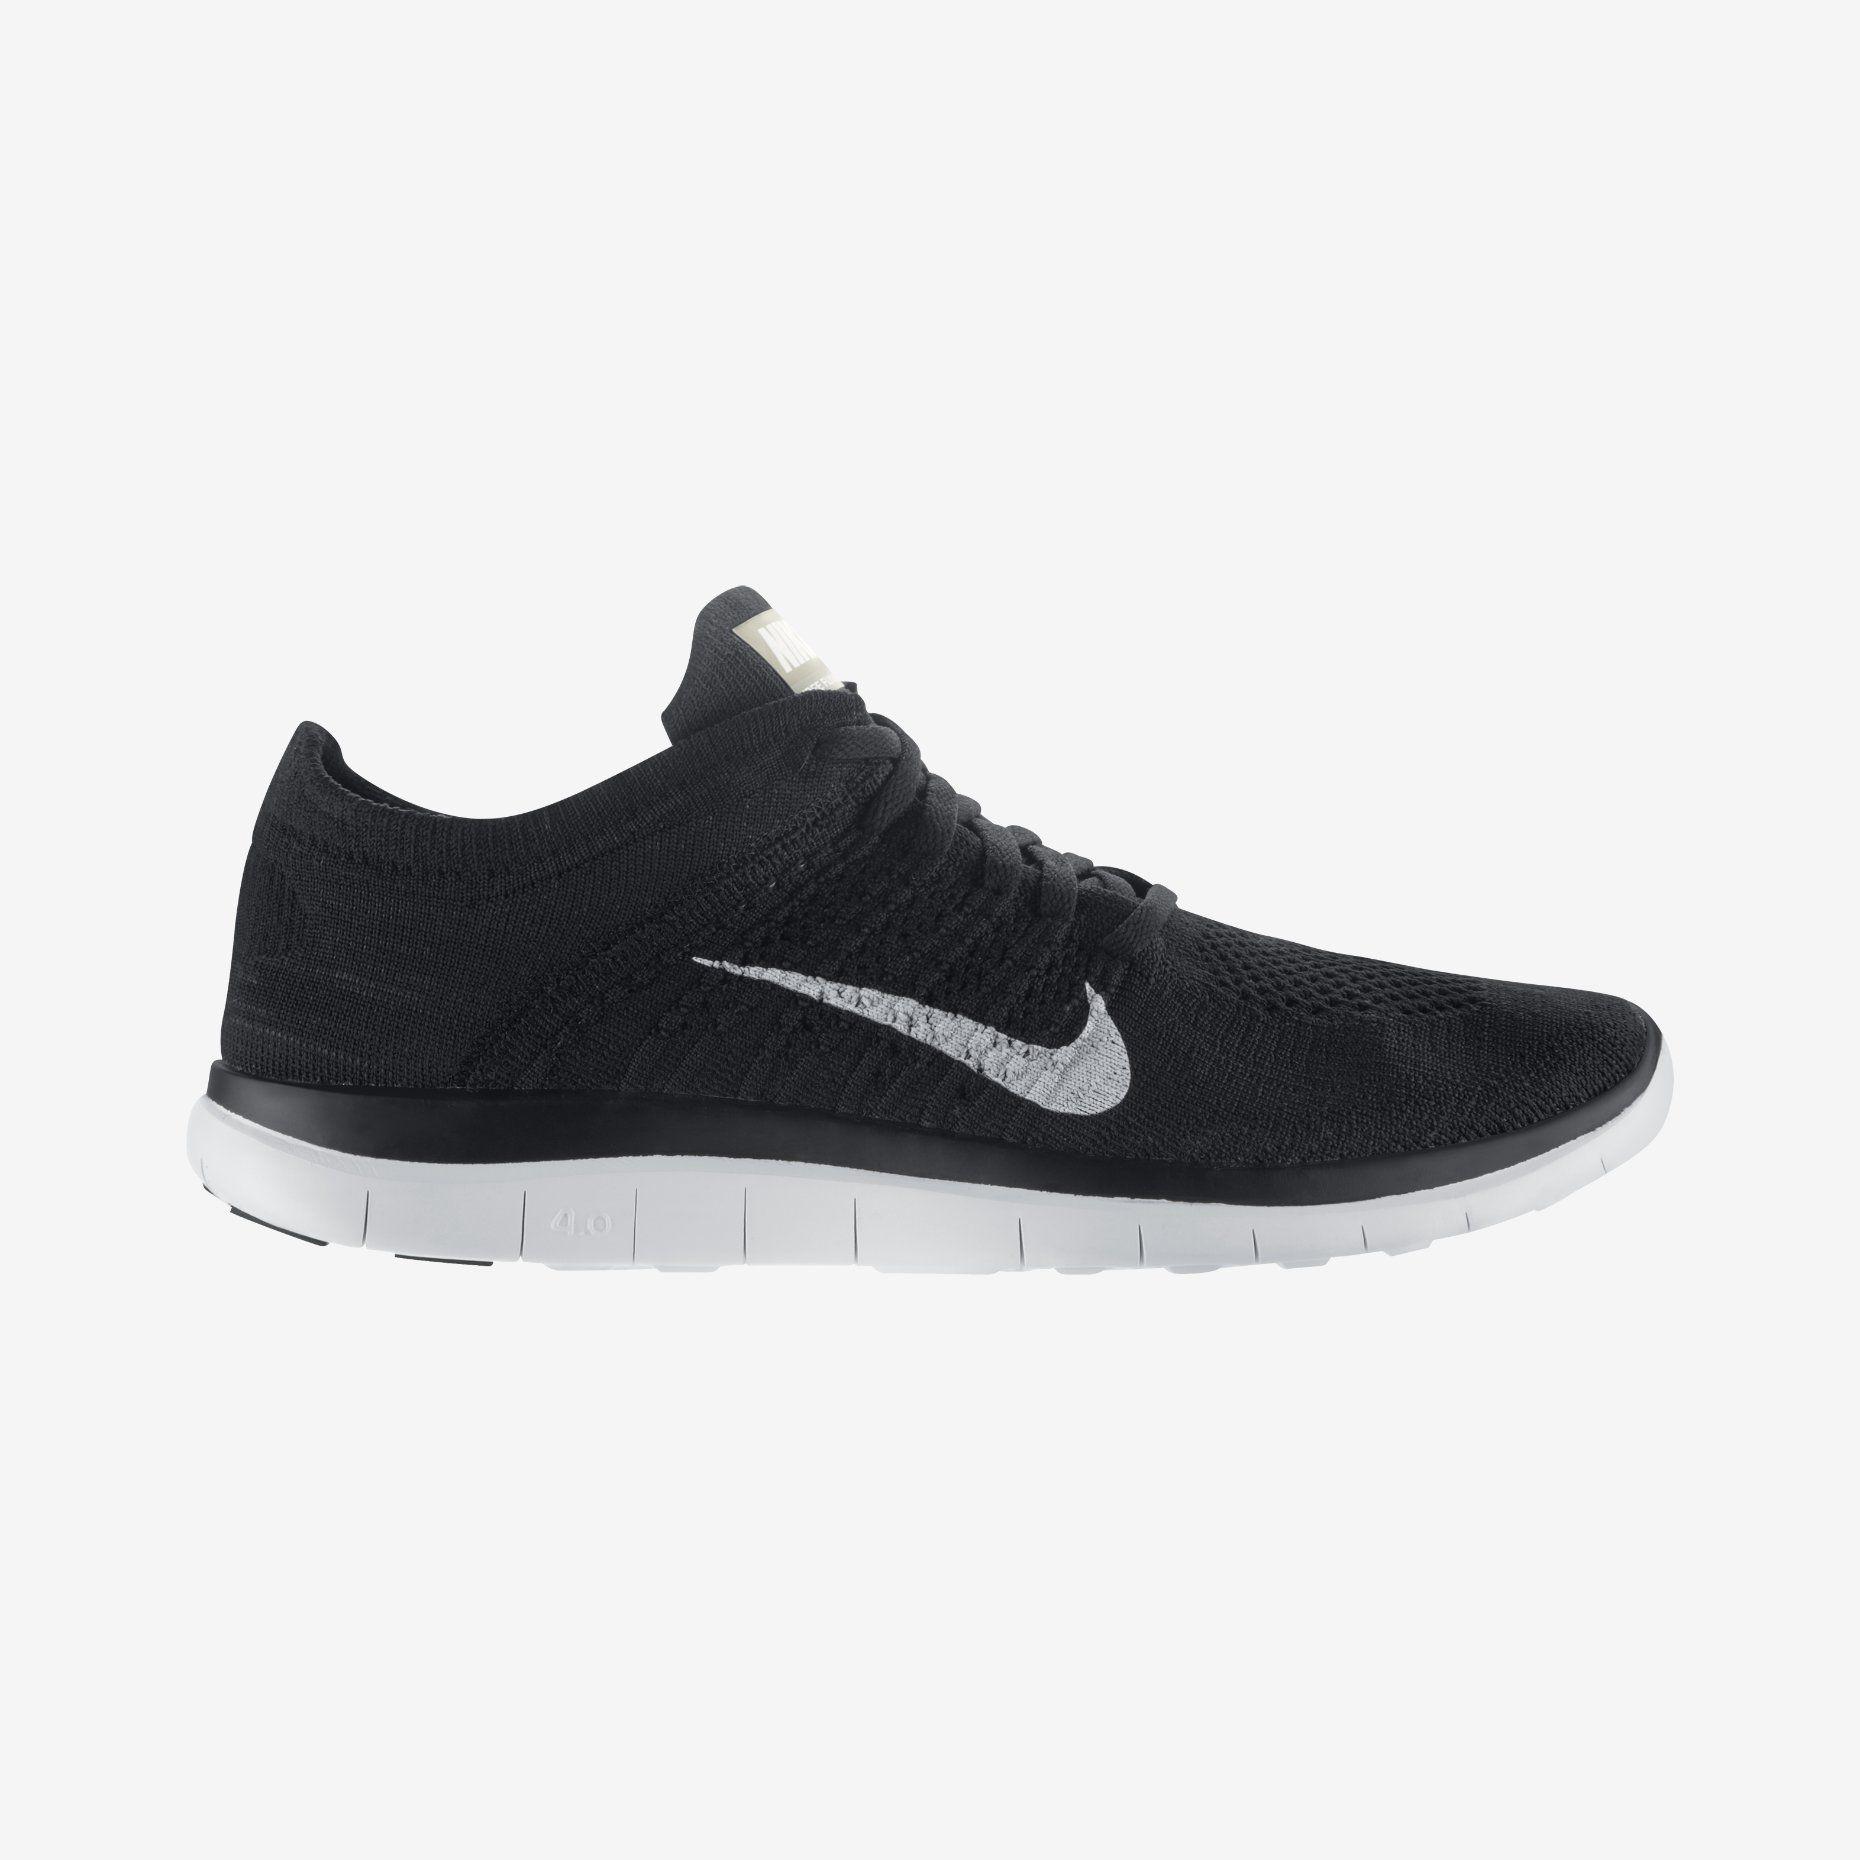 Nike Free 4.0 Femmes Blanc / Noir / Volt Flyknit, Plus Les Magasins De Taille Près De Chez Moi